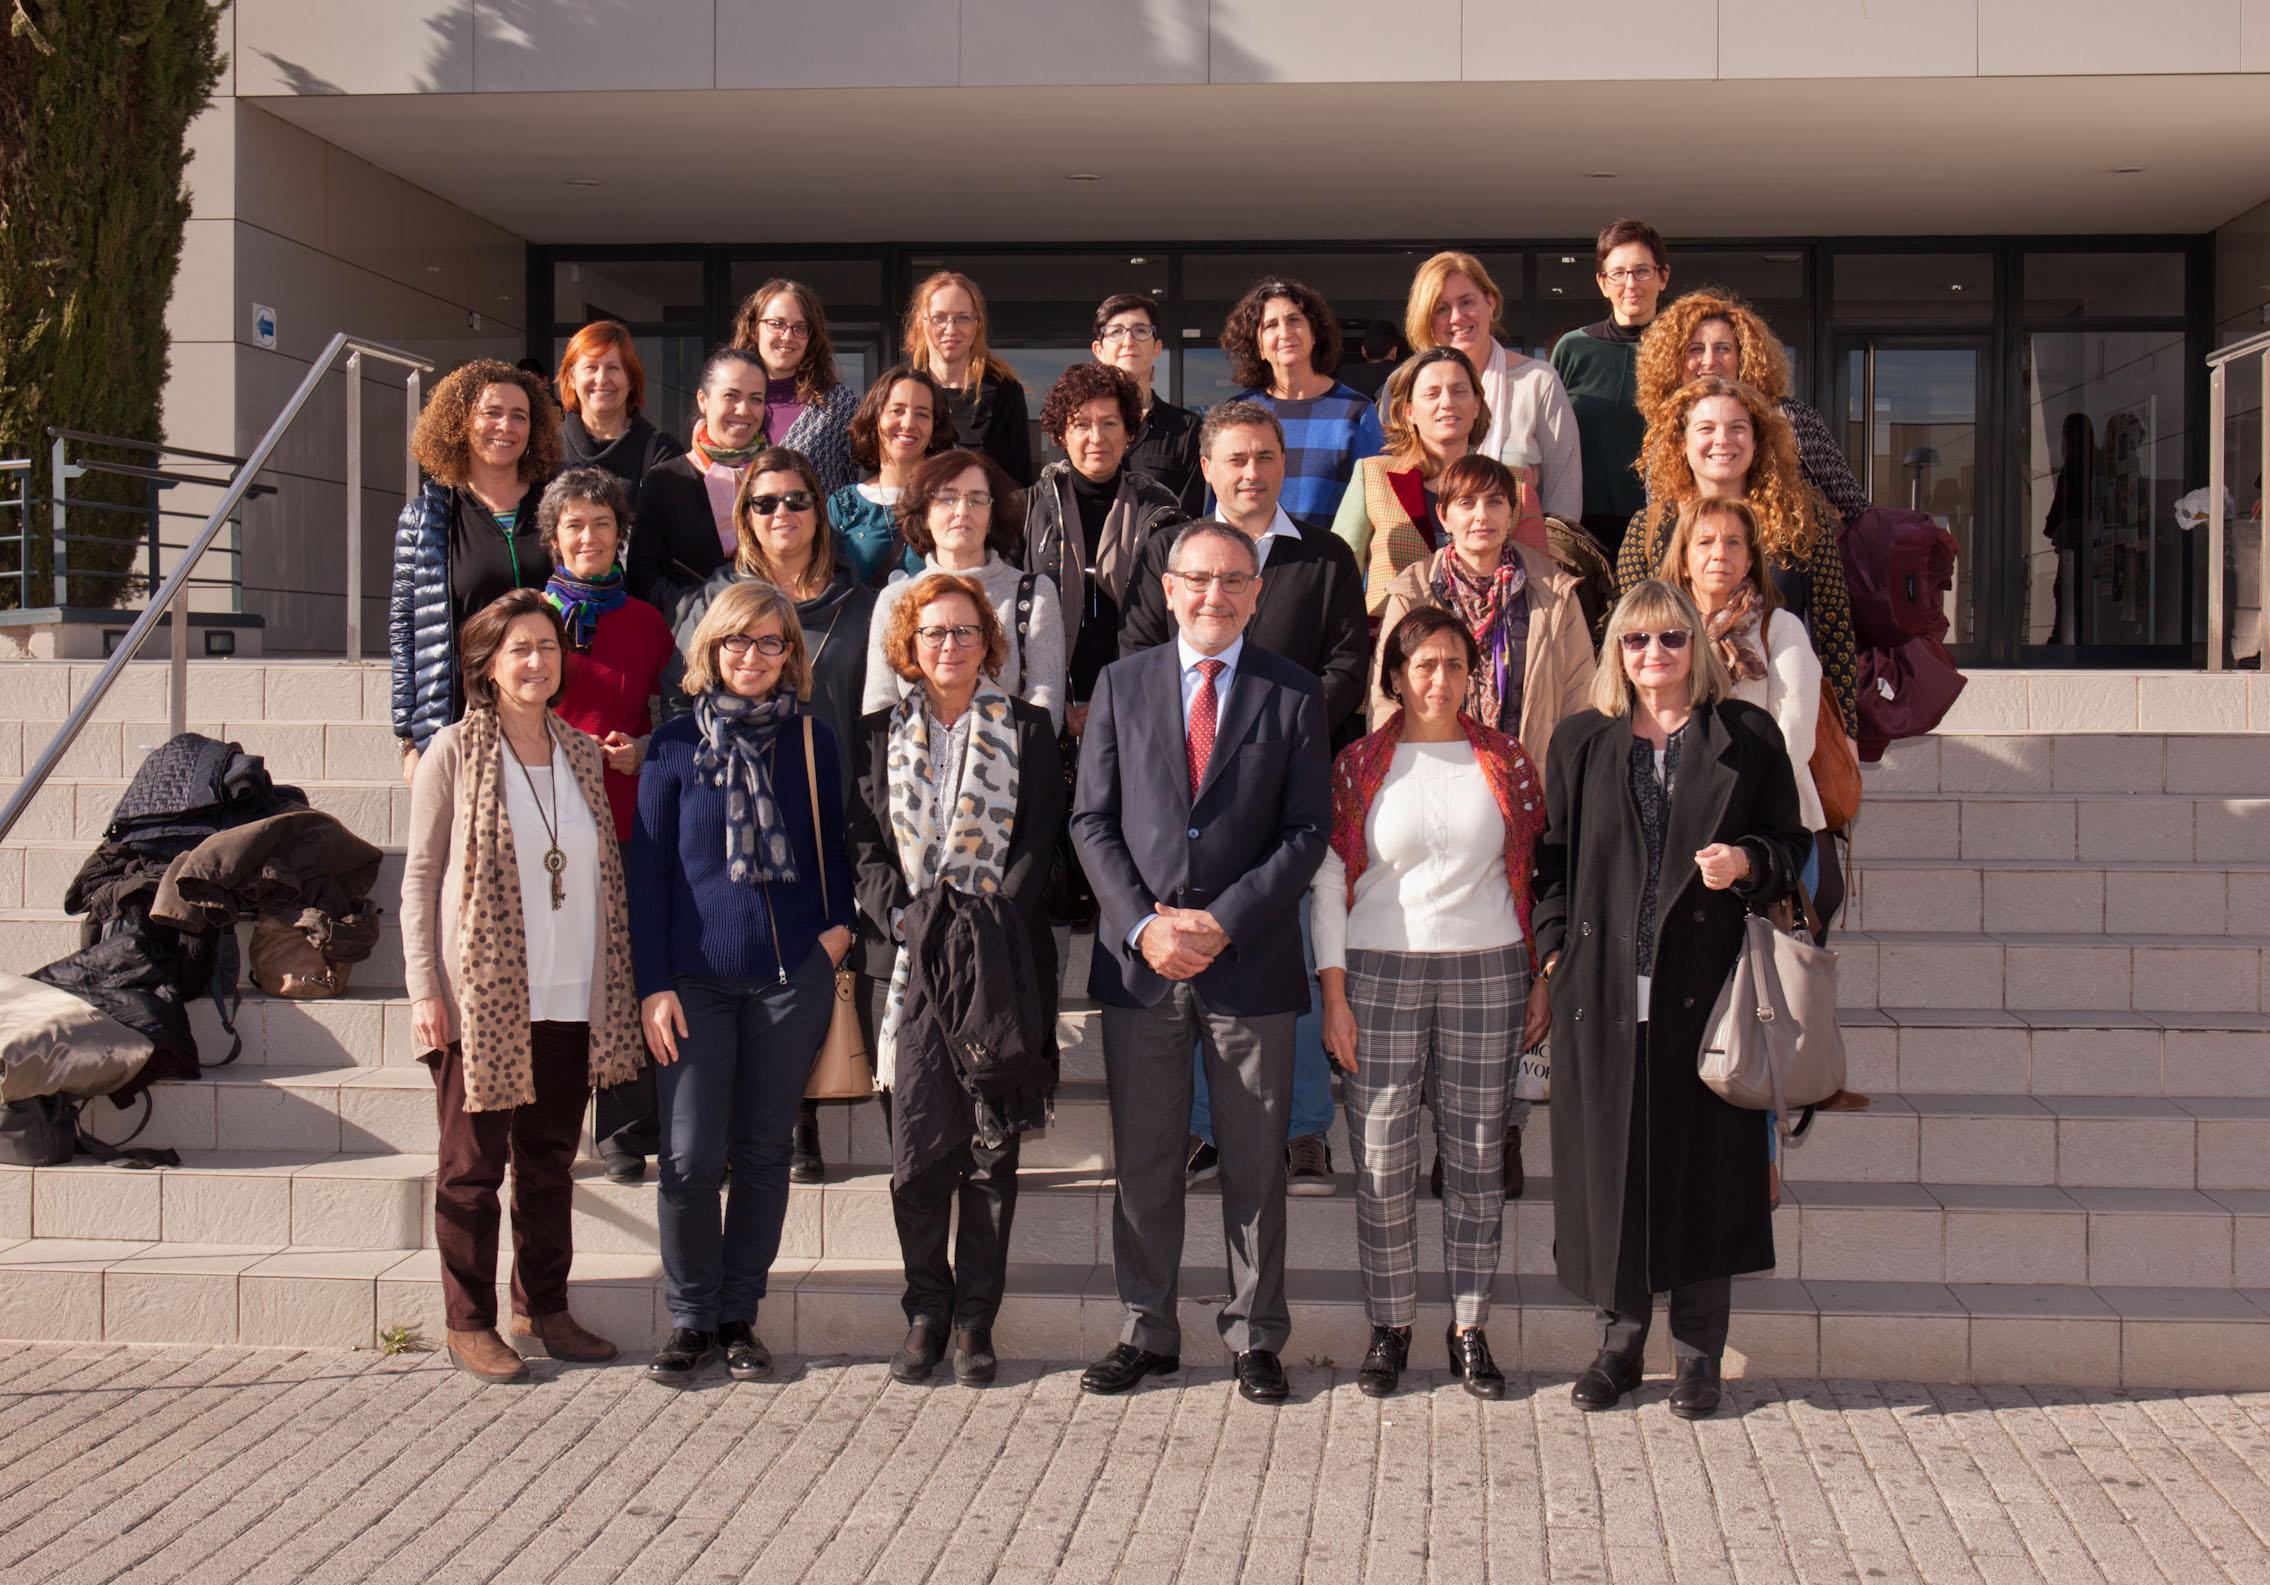 La Xarxa Vives celebra la V Trobada Fòrum Vives d'Igualtat de Gènere a la Universitat Jaume I